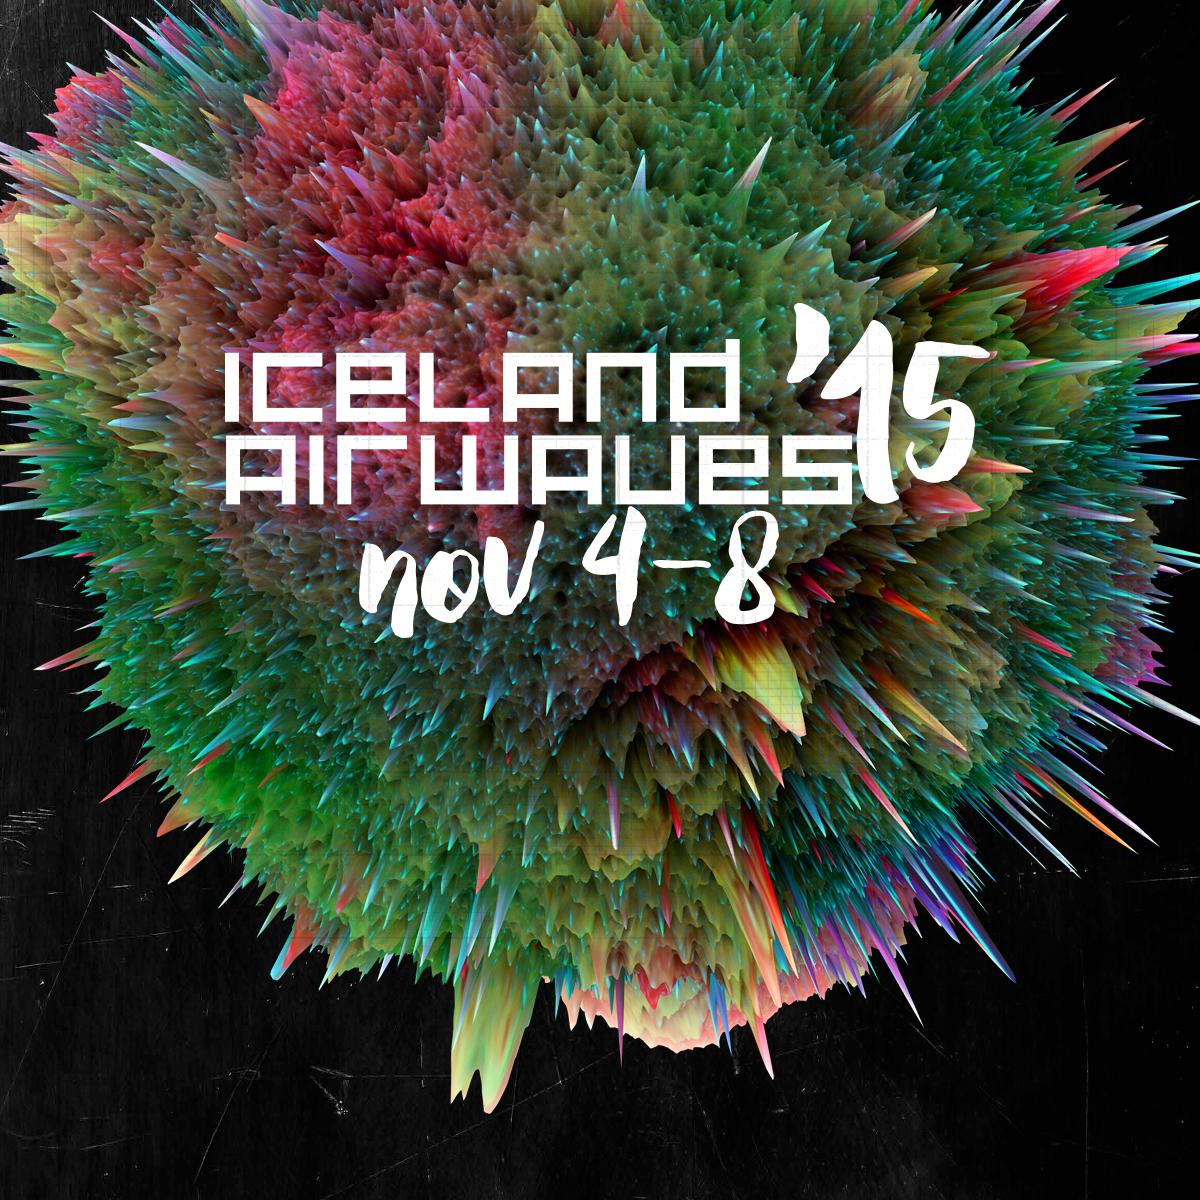 IcelandAirwaves_1200x1200px.jpg